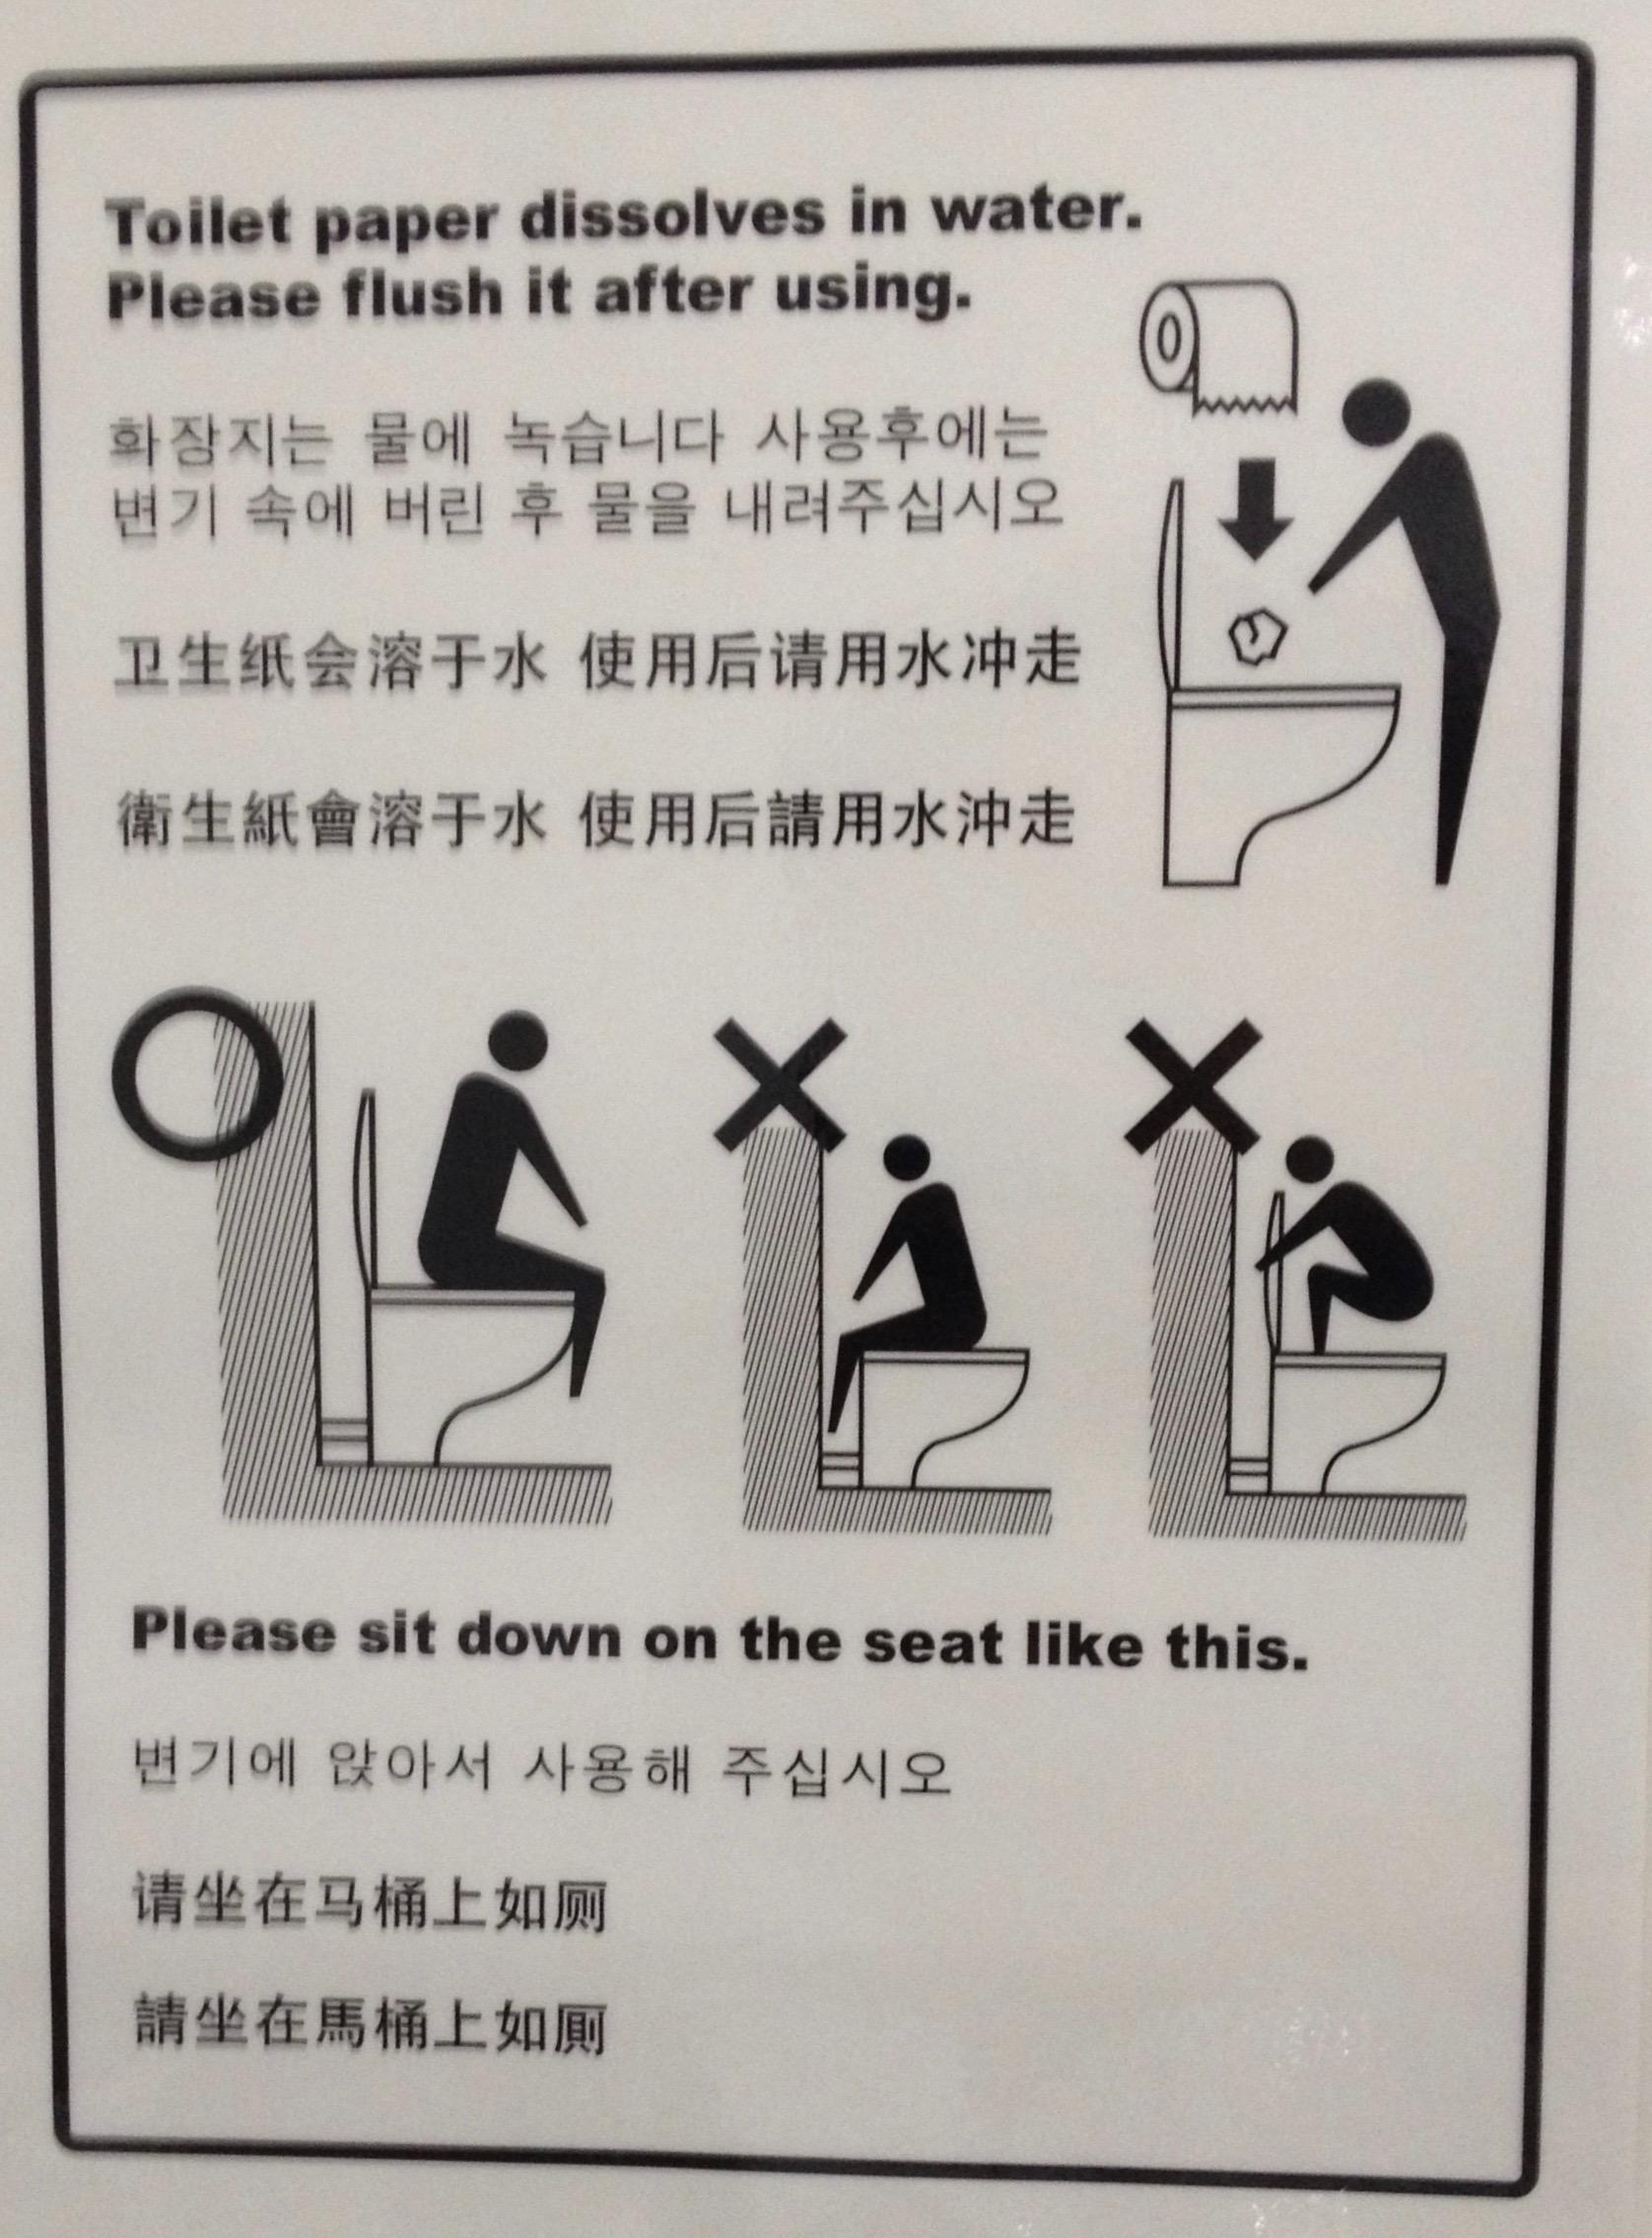 アメリカのトイレは不衛生?